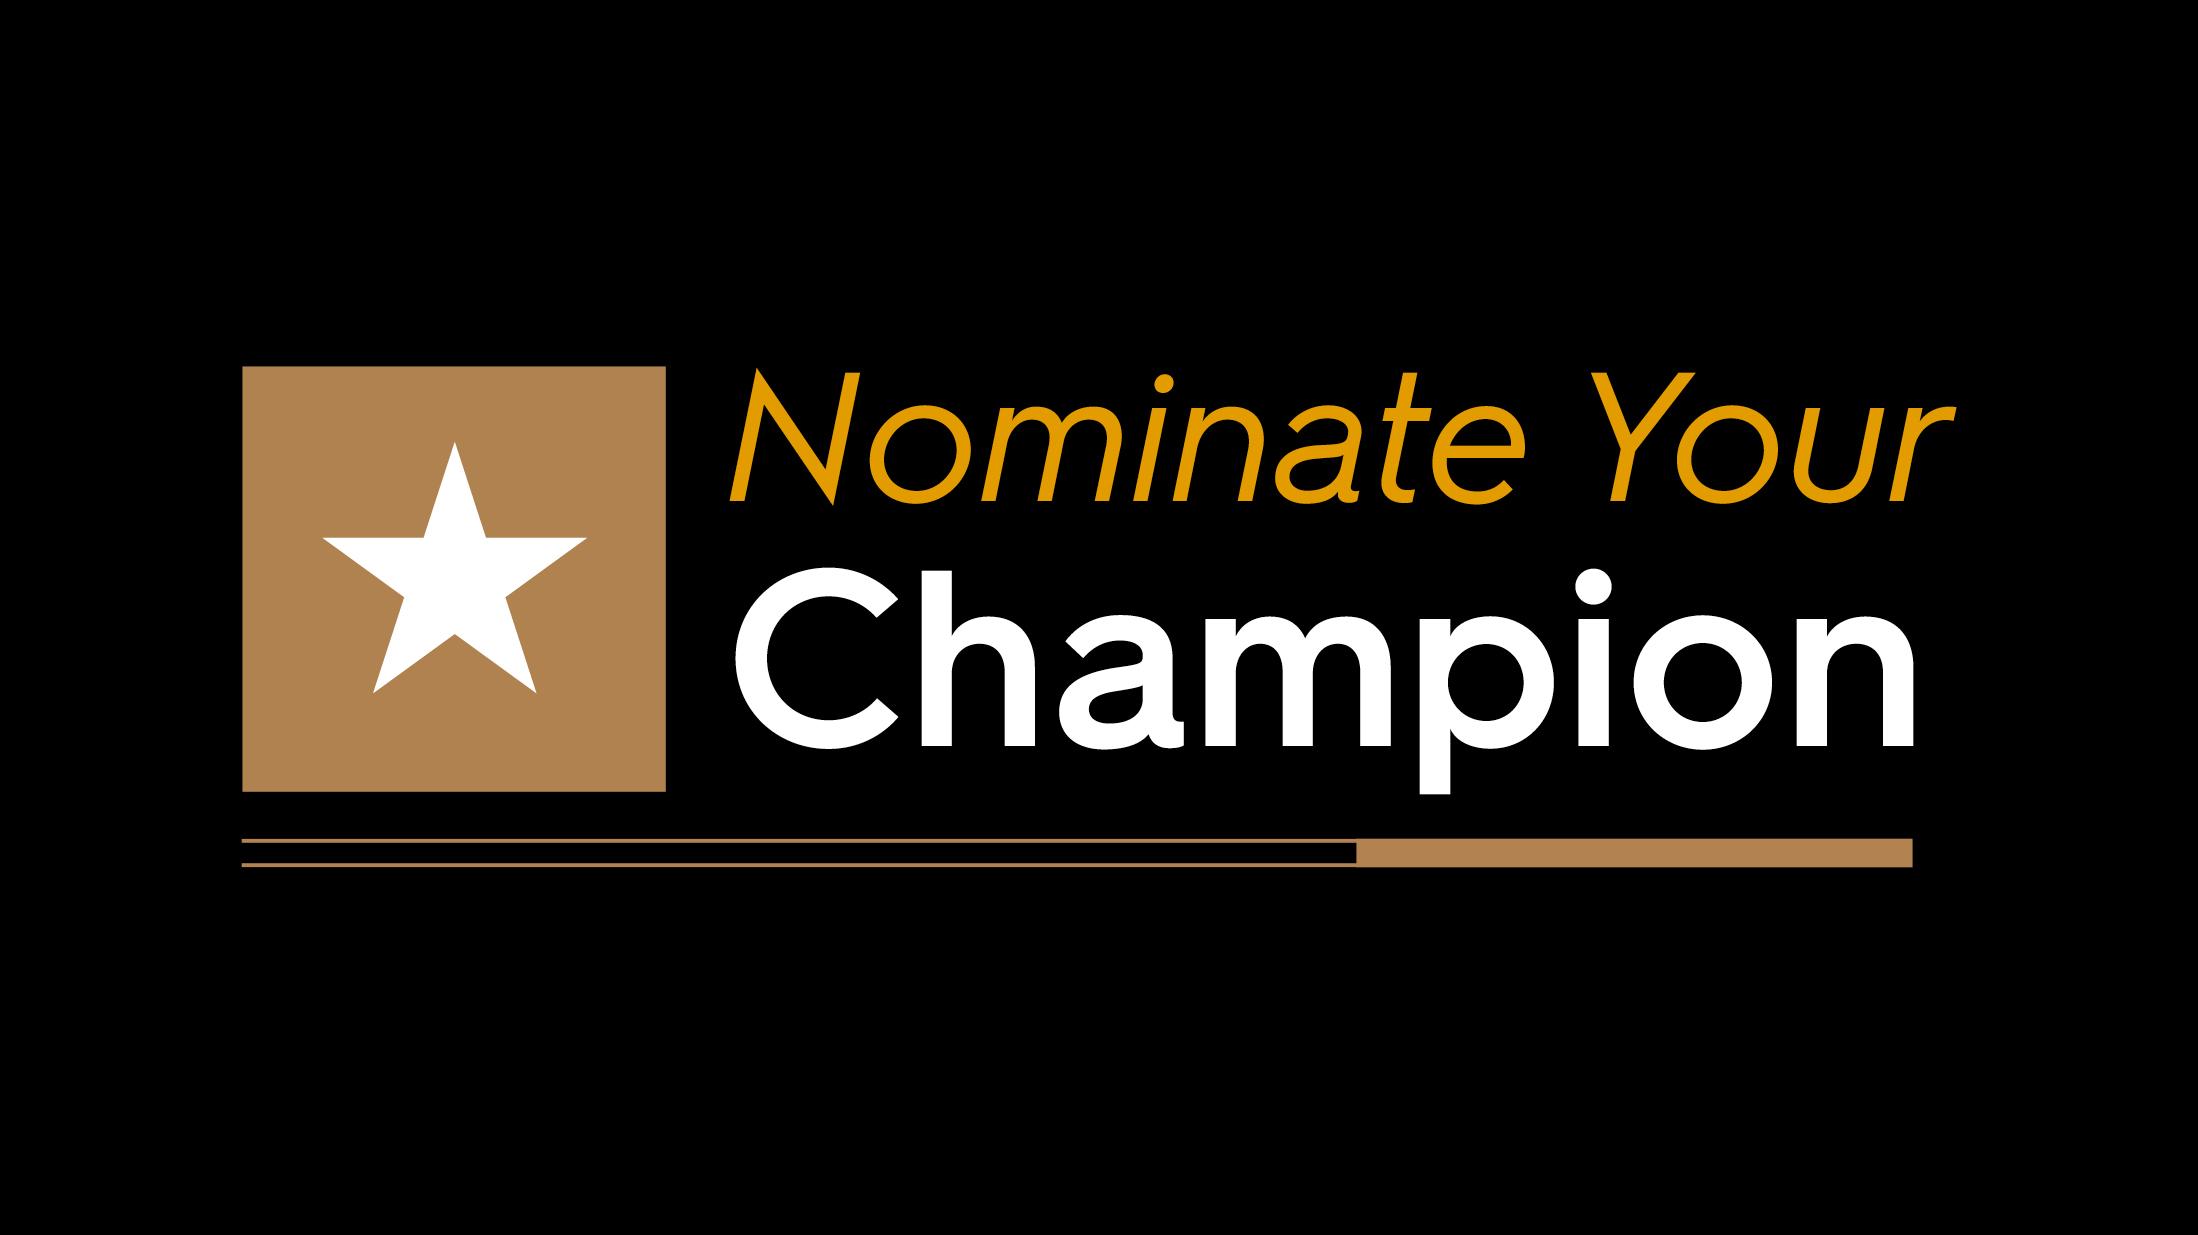 NominateYourChampion